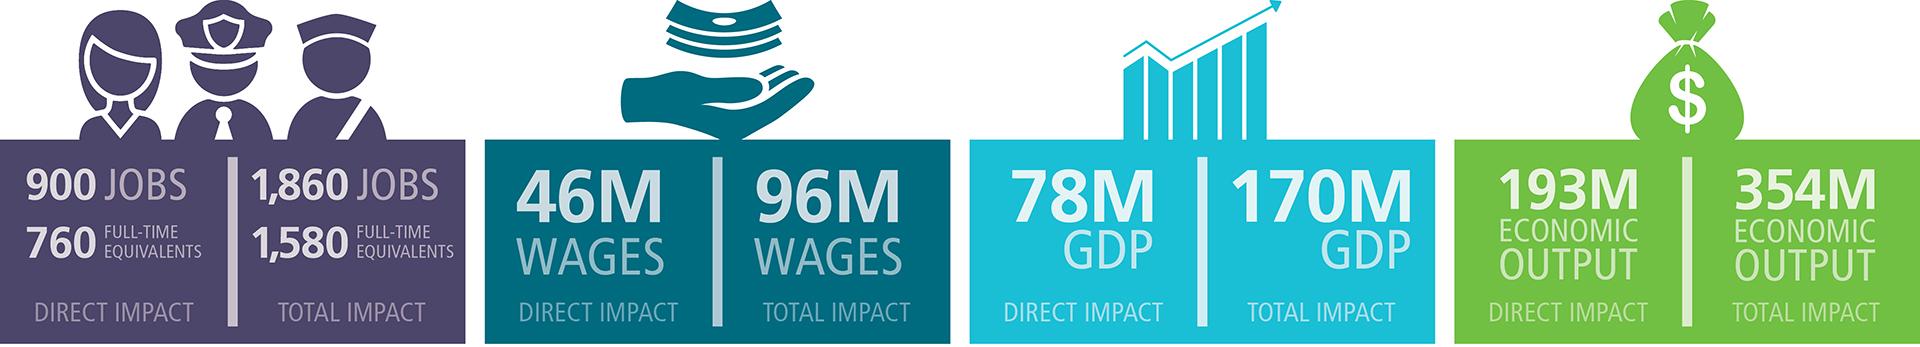 YMM-FactSheet-EconImpact2017-KeyFindings.jpg